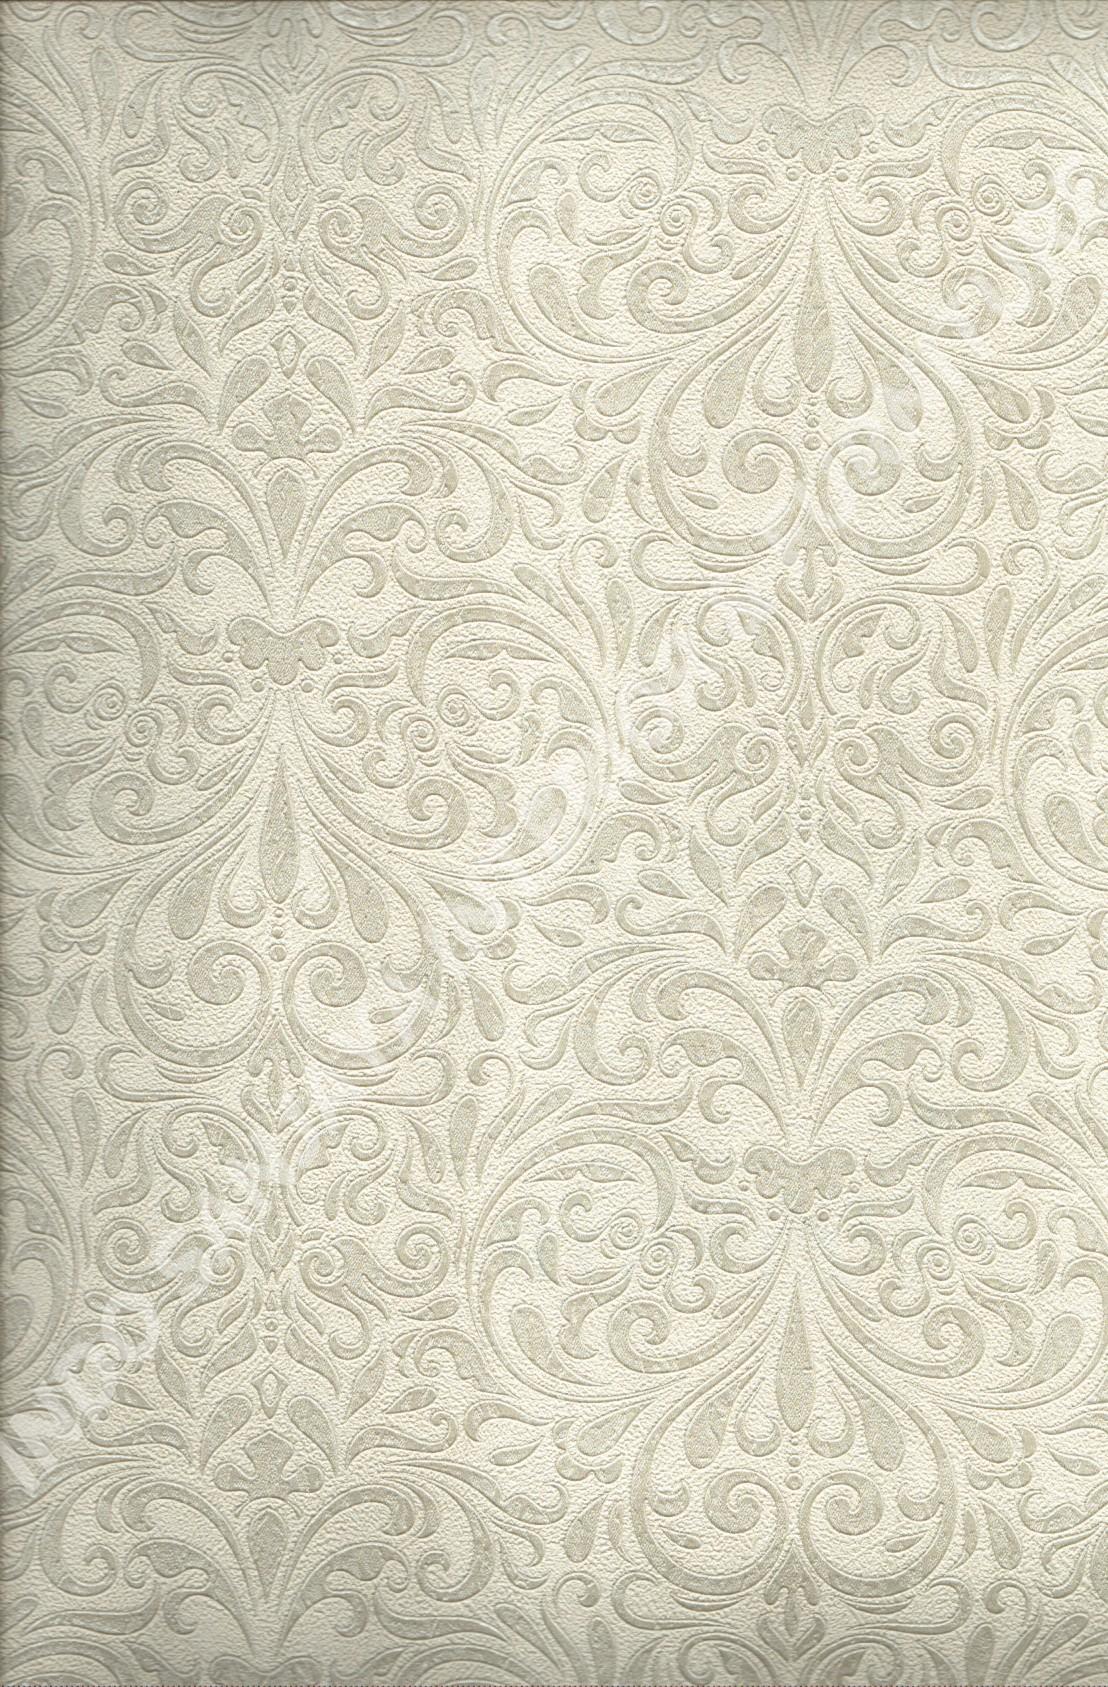 wallpaper BONITA:11032 corak Klasik / Batik (Damask) warna Abu-Abu